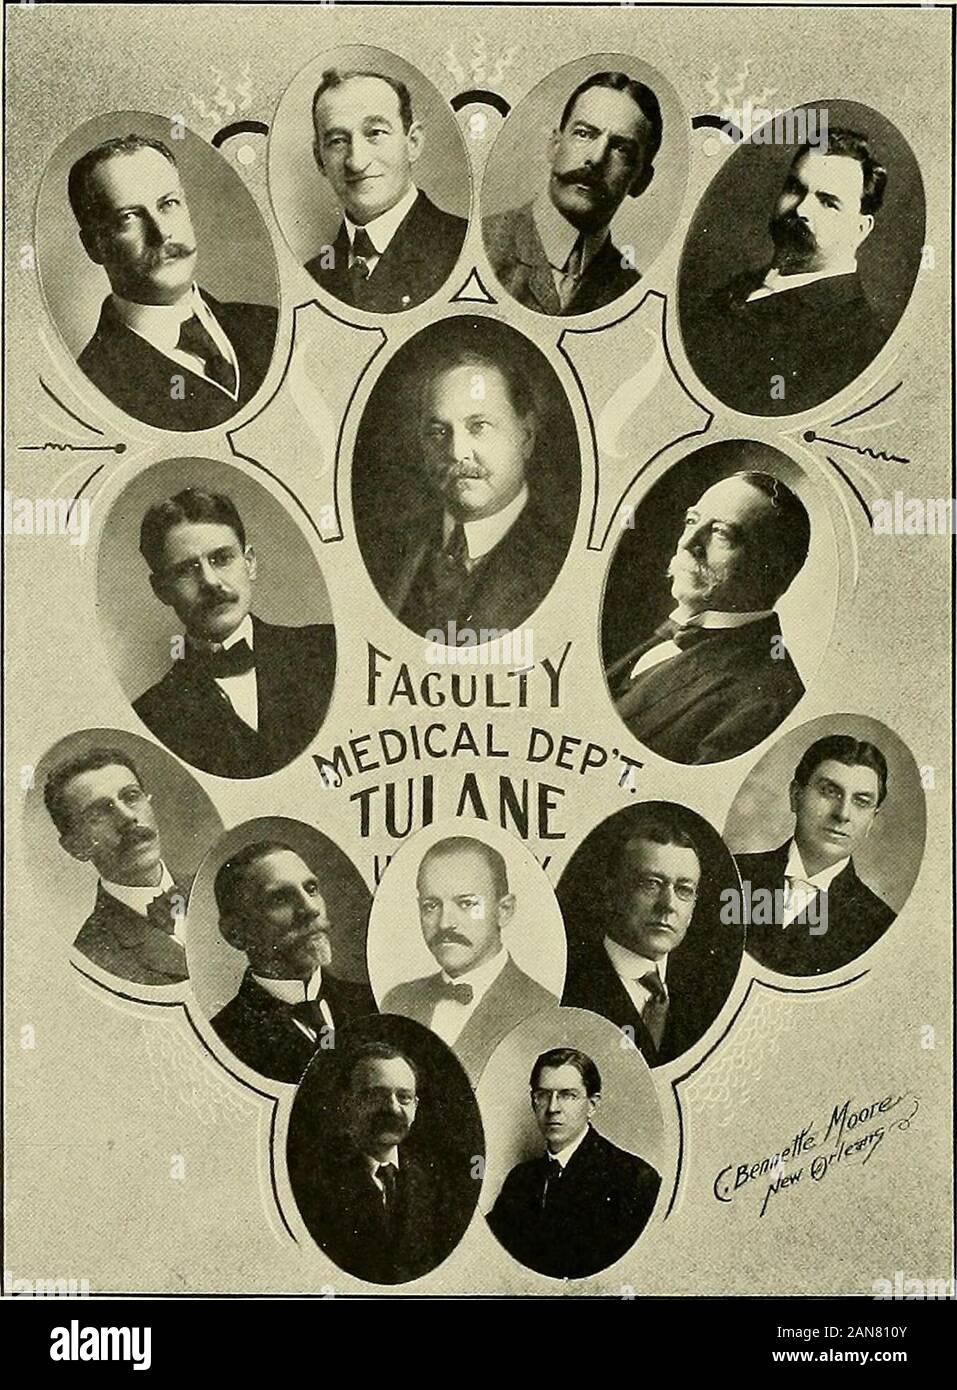 Jambalaya [1909] . HTON, U. S. N., professeur de génie mécanique. 12,63 Henry Clay .Avenue.RUDOLPH MAT COMME, M.D., professeur de chirurgie générale et clinique. 2255 SI. Charles Avenue.FREDERICK WESPY, Ph.D., professeur d'Allemand (Xewcomb College). 3004 rrylania Street.ABRAHAM LOIIS MF.TZ. M.Pli.. M.D., professeur de chimie et la jurisprudence médicale. 9 /(i.vii; Pari. LEVI WASHIXGTt KIXSi)N W II.DANS, M.Sc, professeur de chimie industrielle et de sucre- 639 Sirccl Pin.EUGENE DAVIS SAUNDERS, I.L.H., Doyen de la faculté de droit et professeur d'DejKirtmenl Uiw. 293.S .Coliseum direct.MARY CASS SPENC Banque D'Images